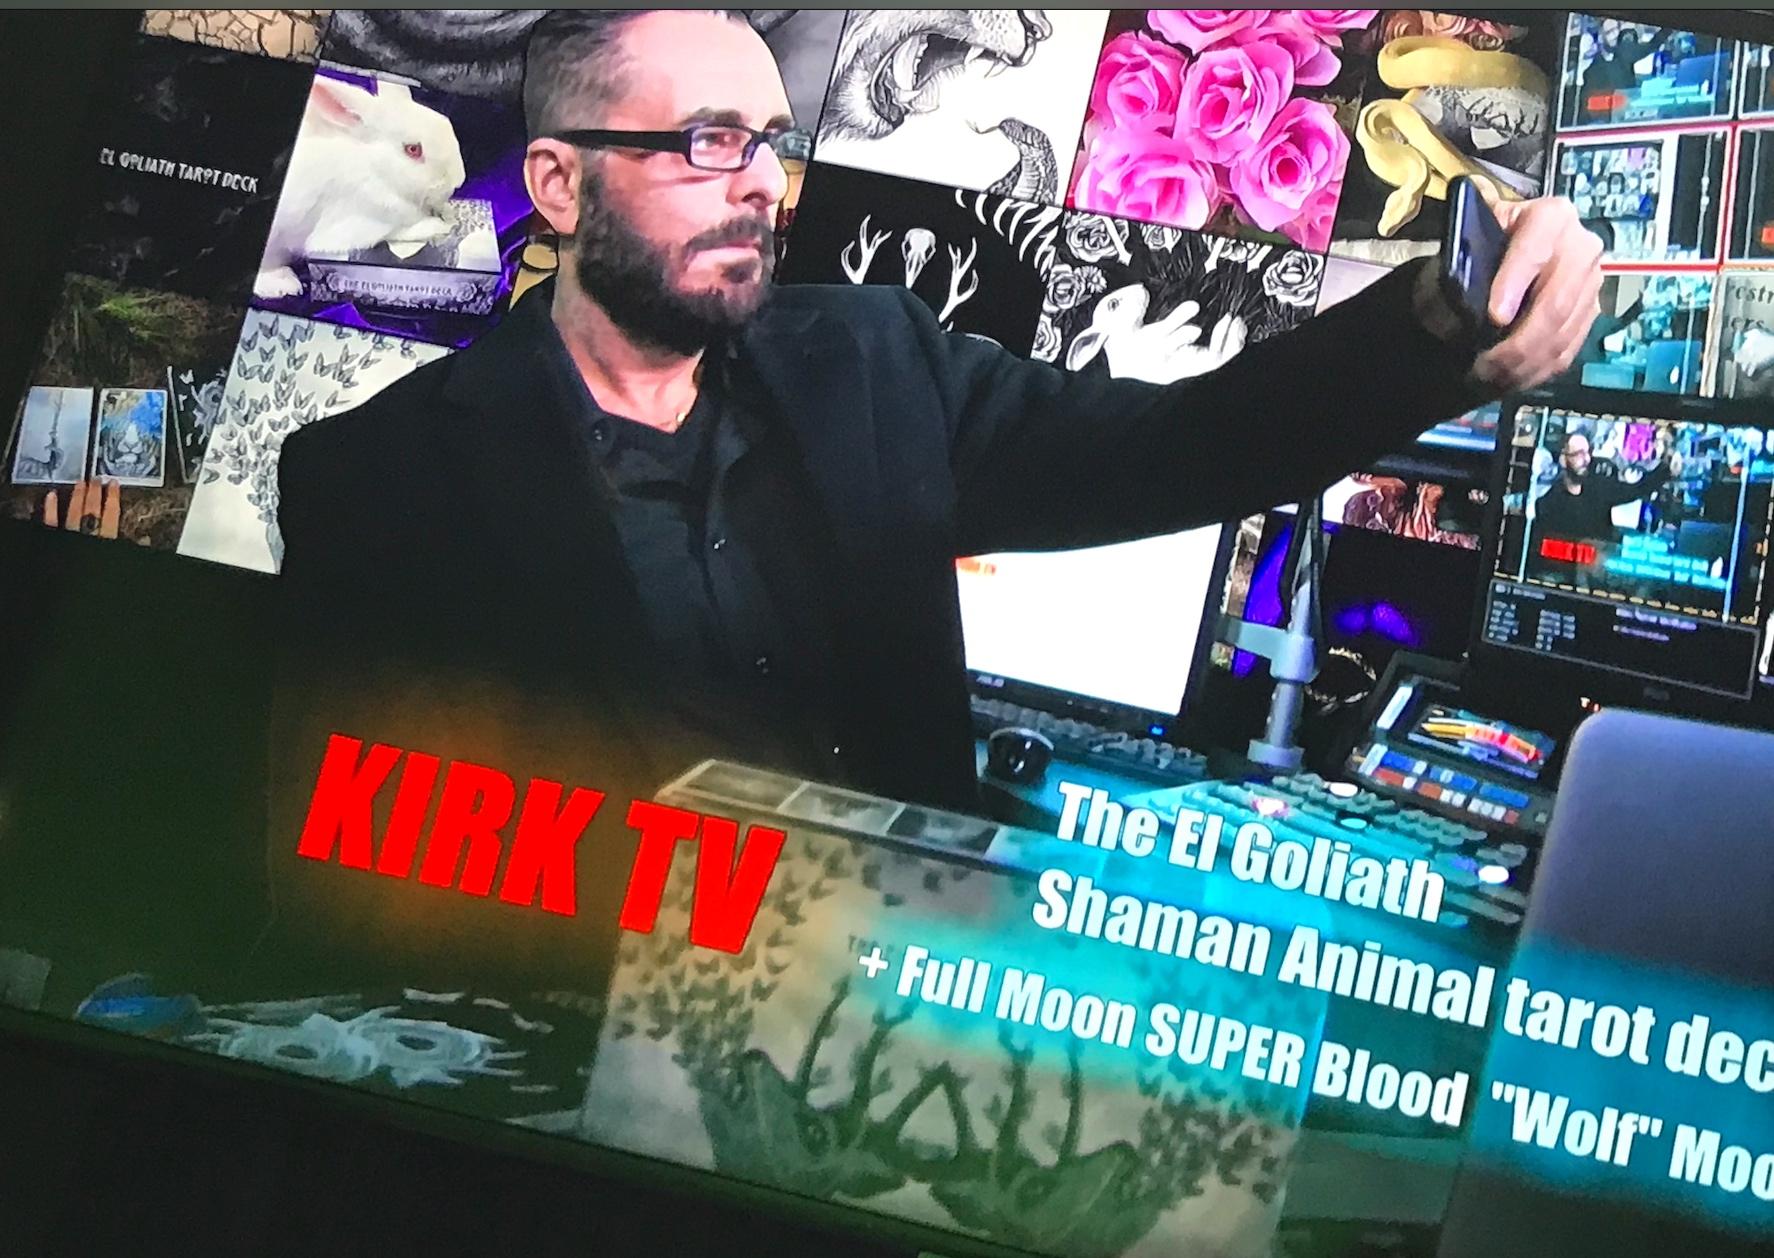 Kirk+Kerber+Spiritual+television+El+Goliath+deck+2019+kirkspiritual.com.jpg